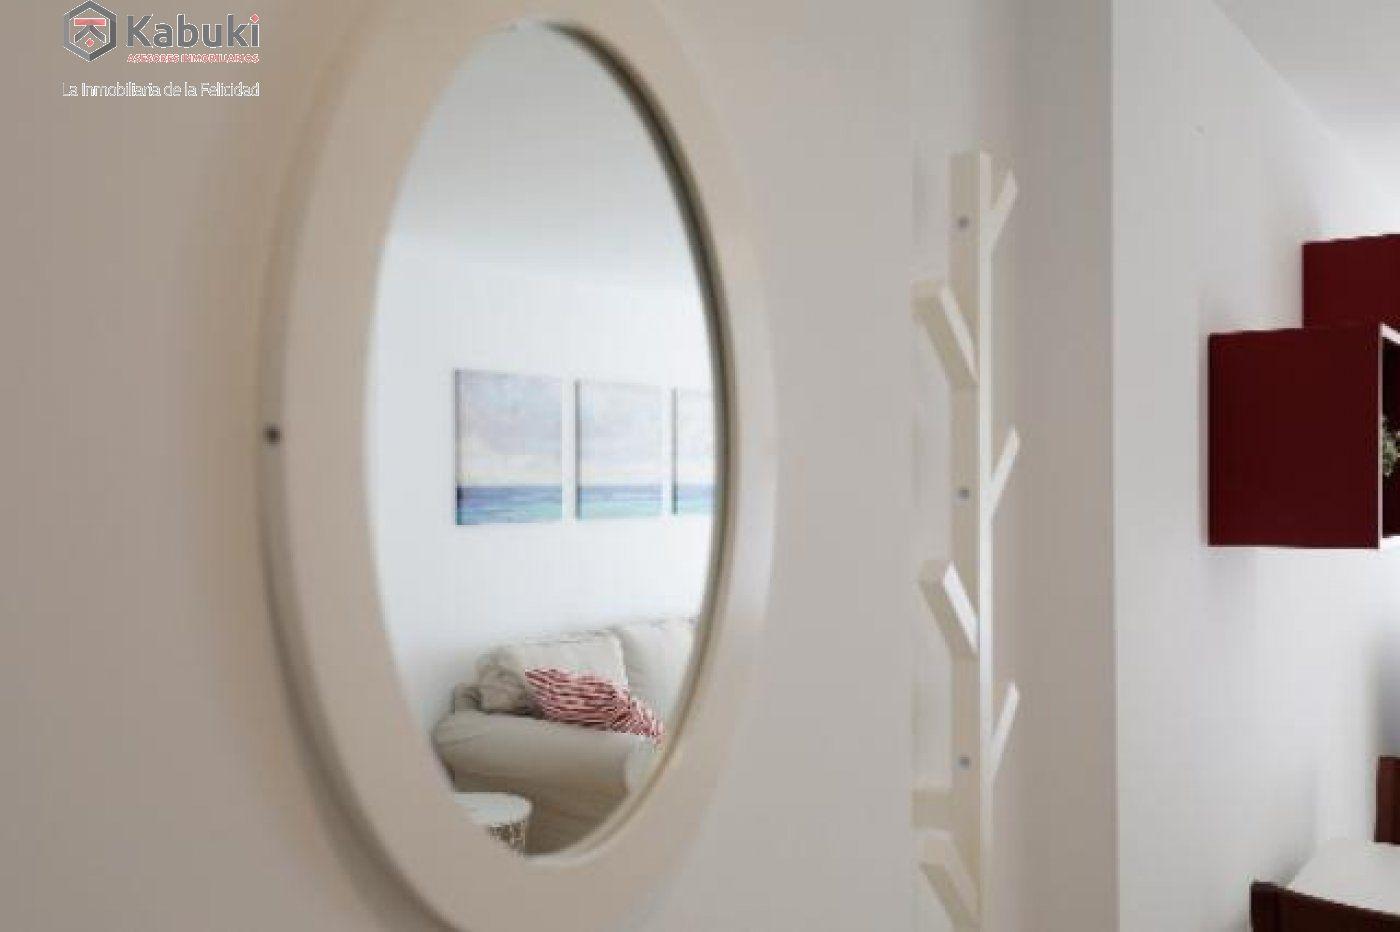 Coqueto y luminoso apartamento en un entorno privilegiado junto a los cahorros - imagenInmueble5